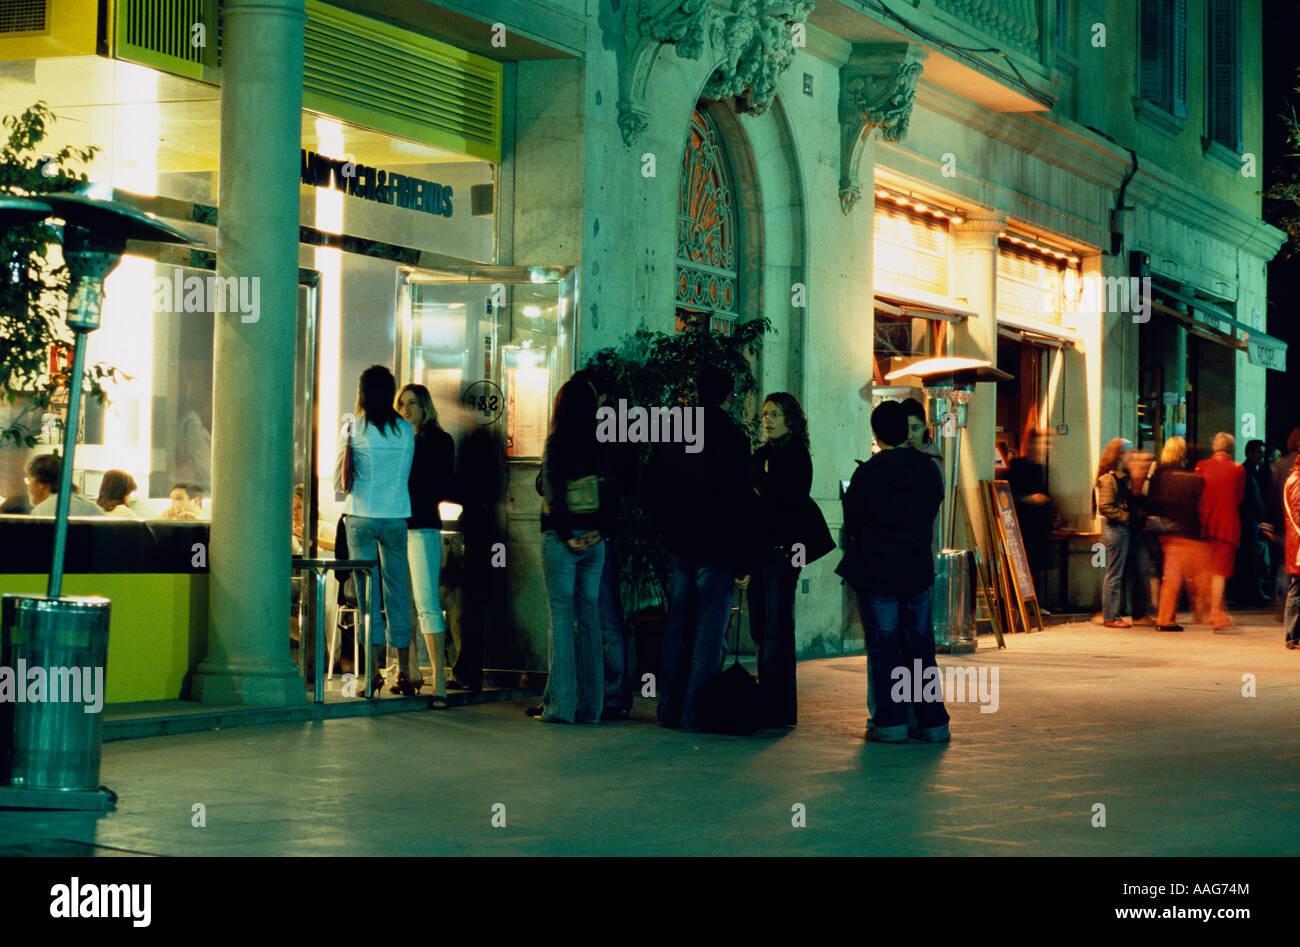 Club branché dans la vieille ville de naissance de personnes se tiennent devant l'entrée de l'Espagne Catalogne Barcelone Banque D'Images